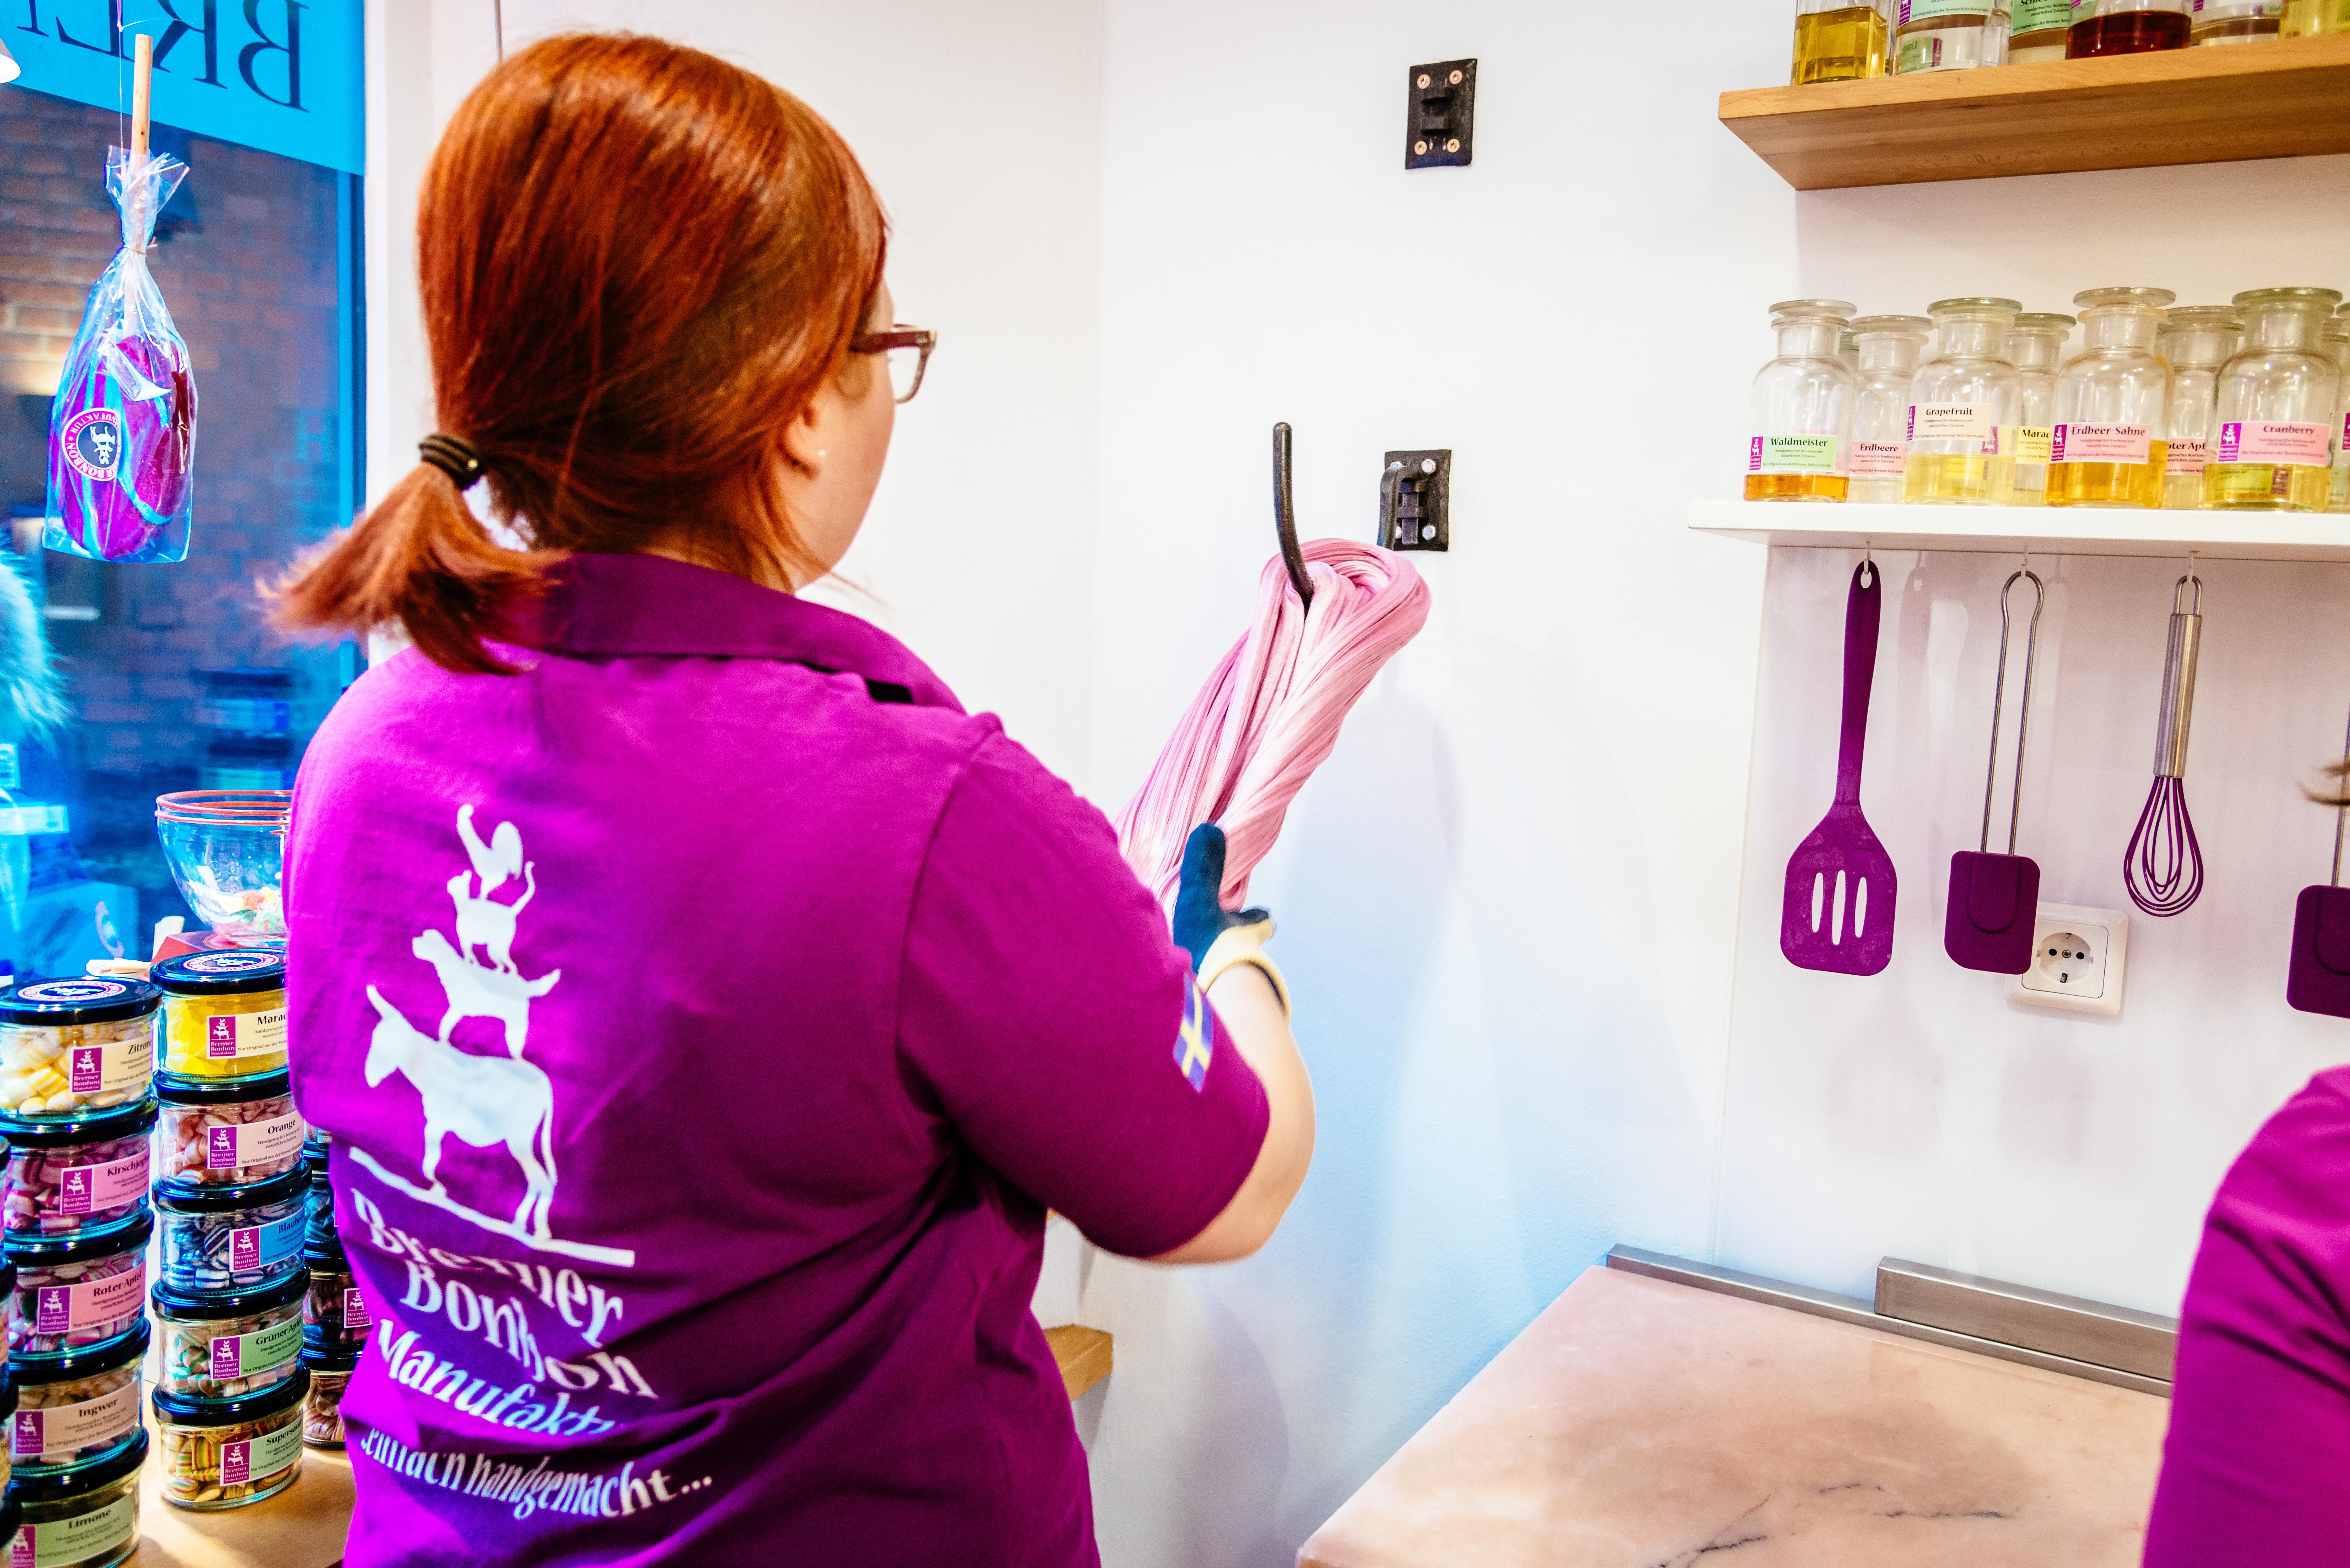 In der Bremer Bonbonmanufaktur kann man beobachten, wie die Zuckermasse für Bonbons und Zuckerstangen geknetet, geschleudert und in Form gebracht wird.